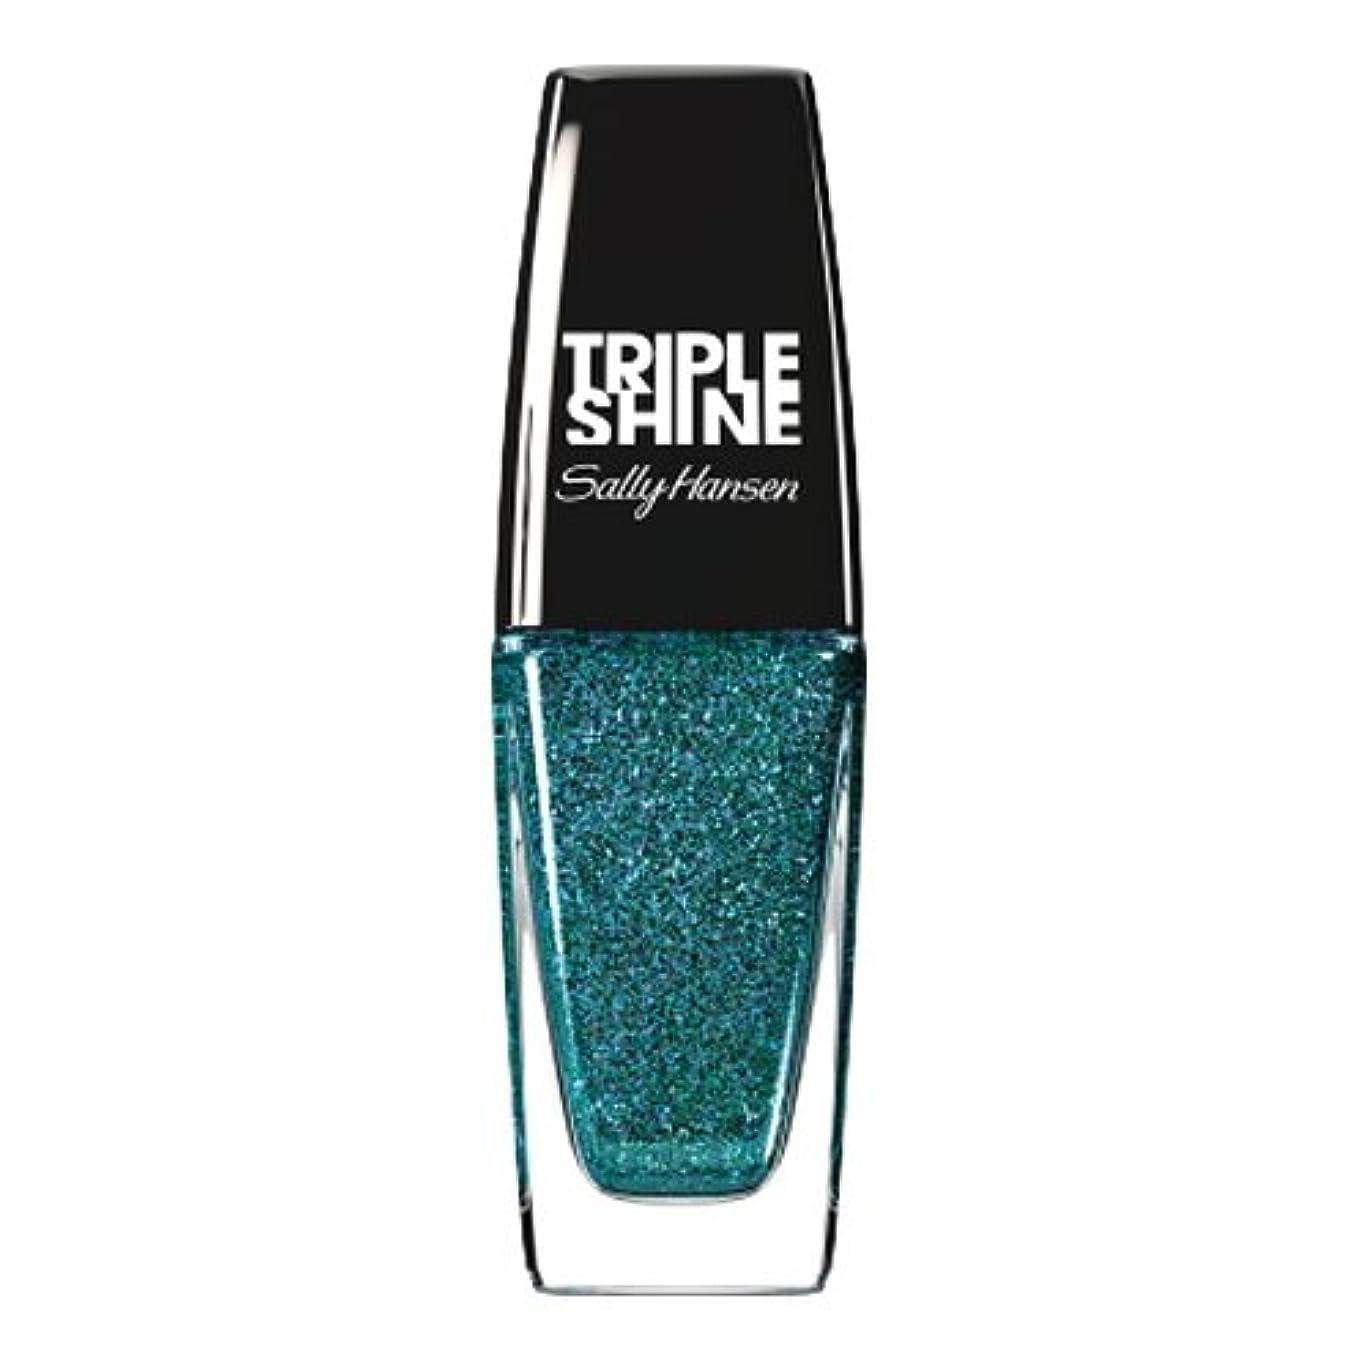 医薬品描く安全でないSALLY HANSEN Triple Shine Nail Polish - Sparkling Water (並行輸入品)